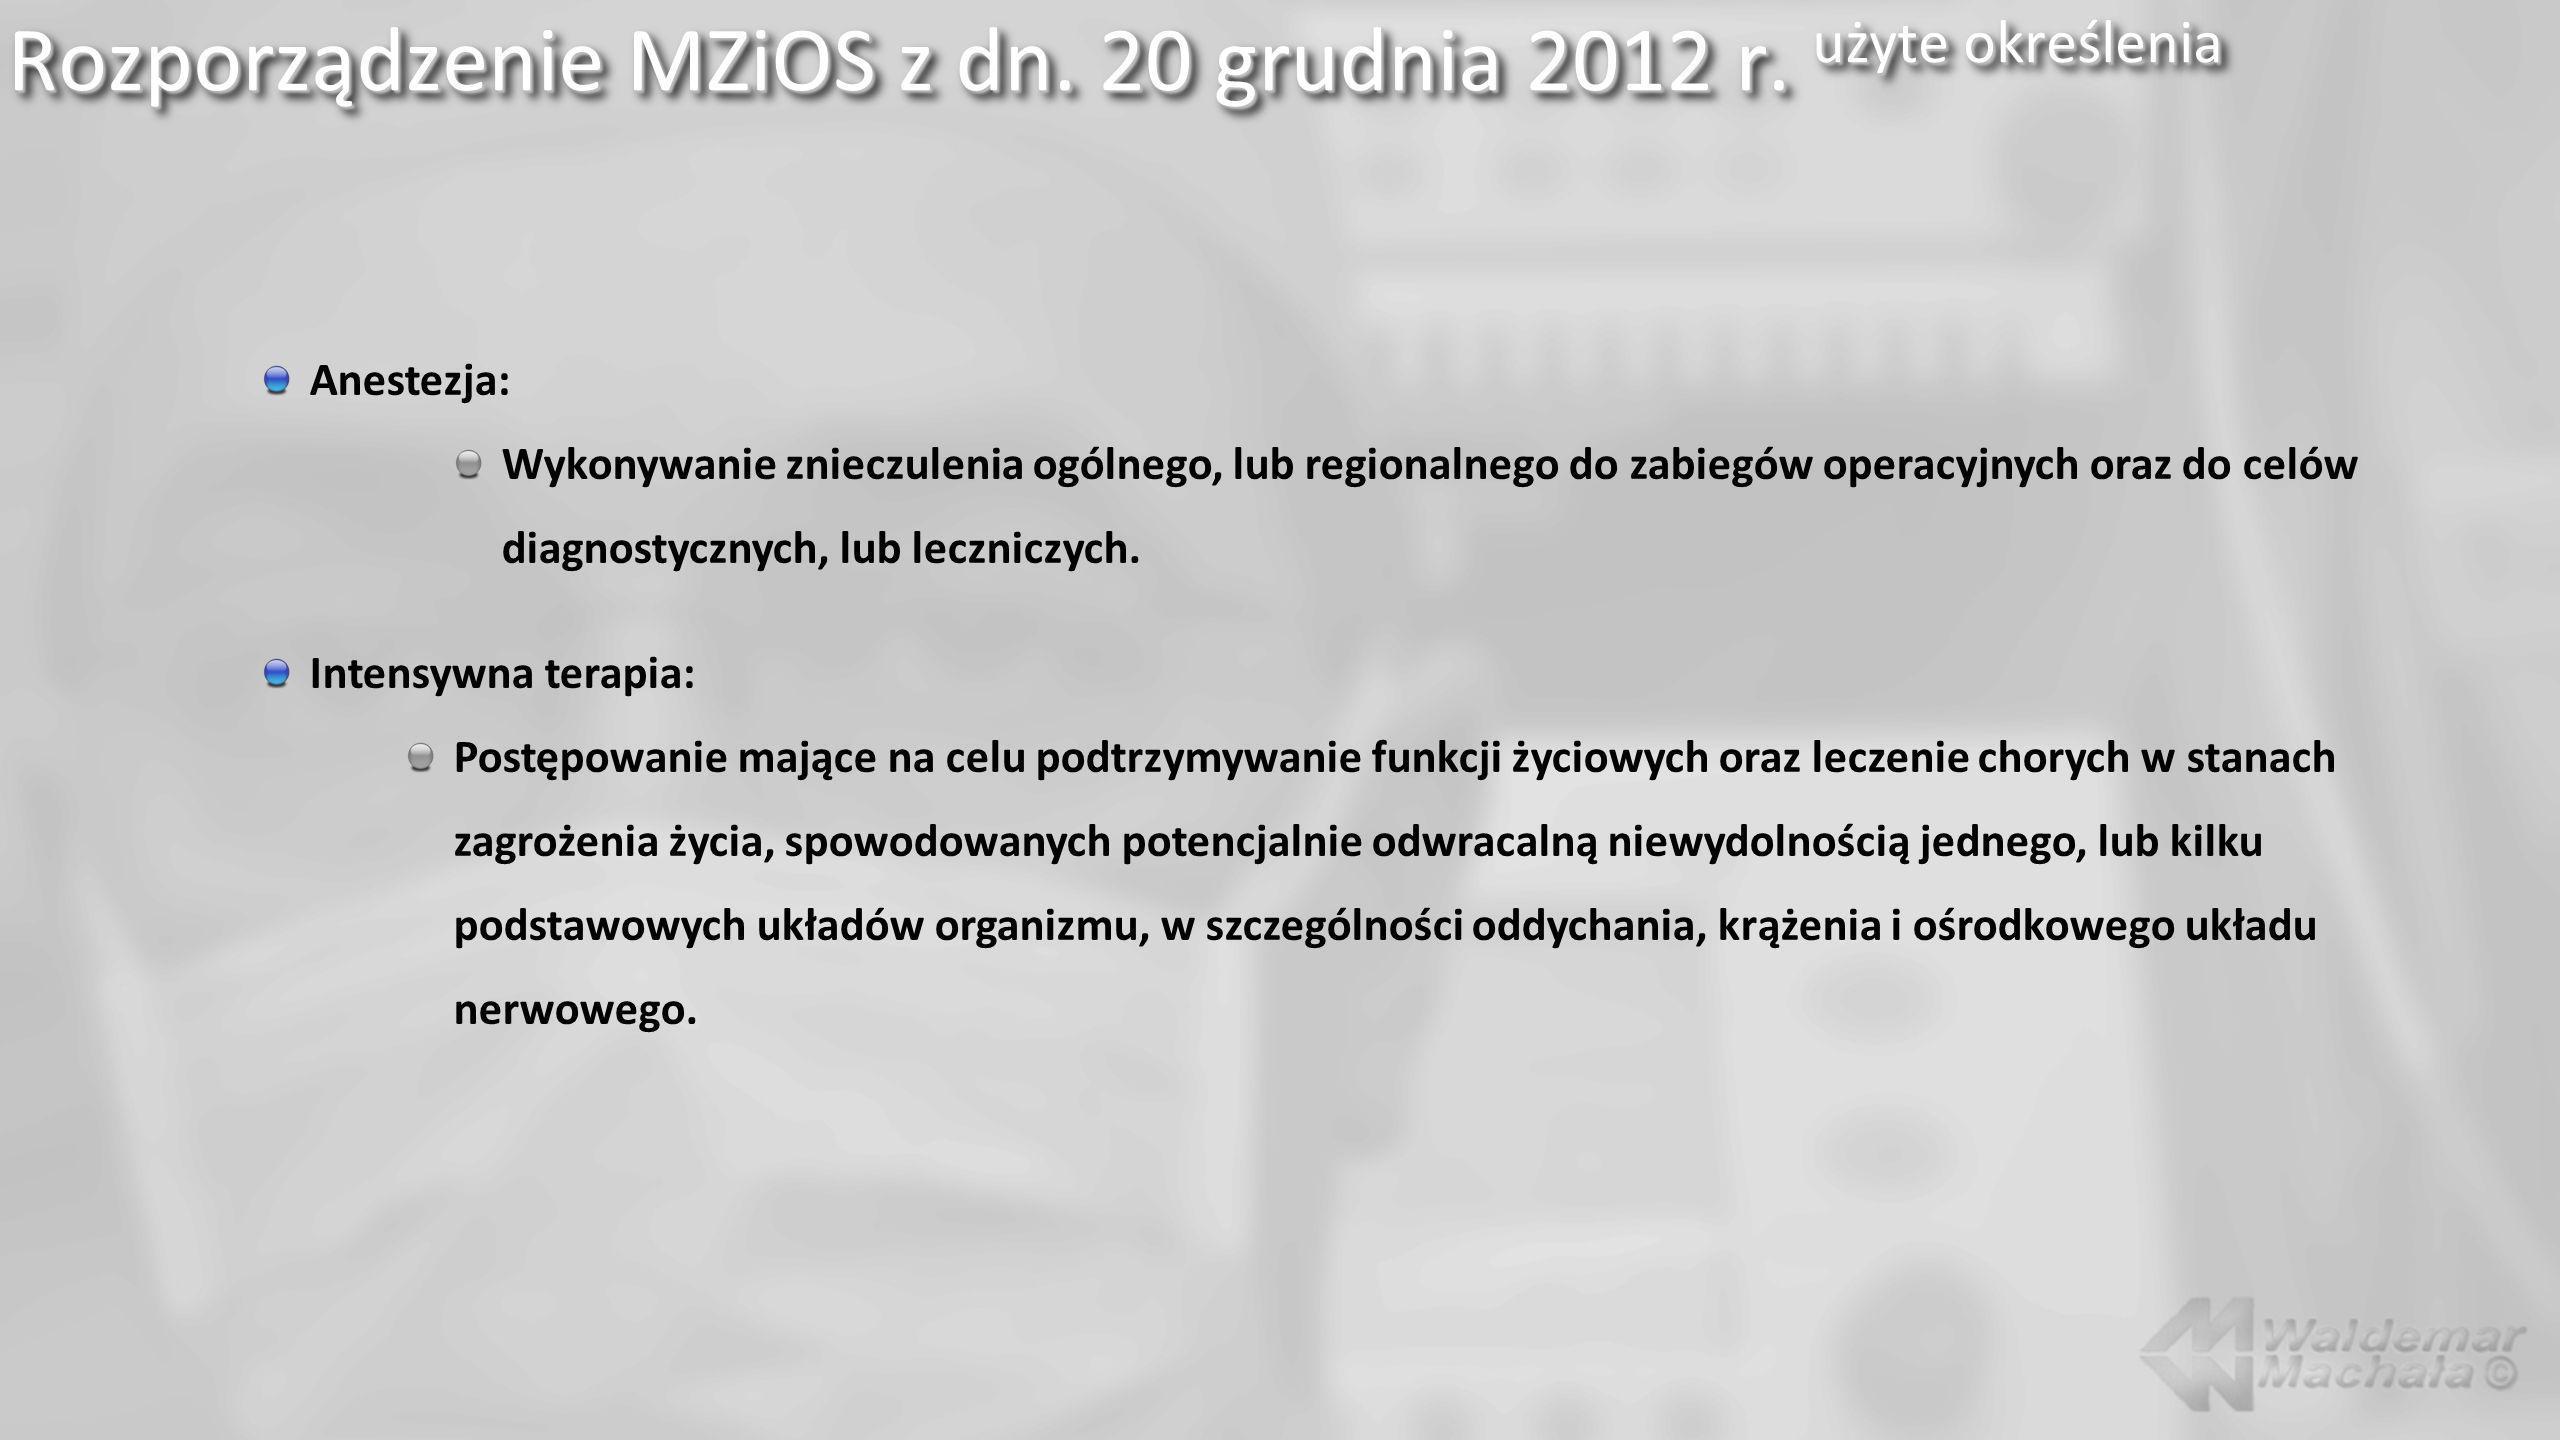 Rozporządzenie MZiOS z dn. 20 grudnia 2012 r. użyte określenia Anestezja: Wykonywanie znieczulenia ogólnego, lub regionalnego do zabiegów operacyjnych